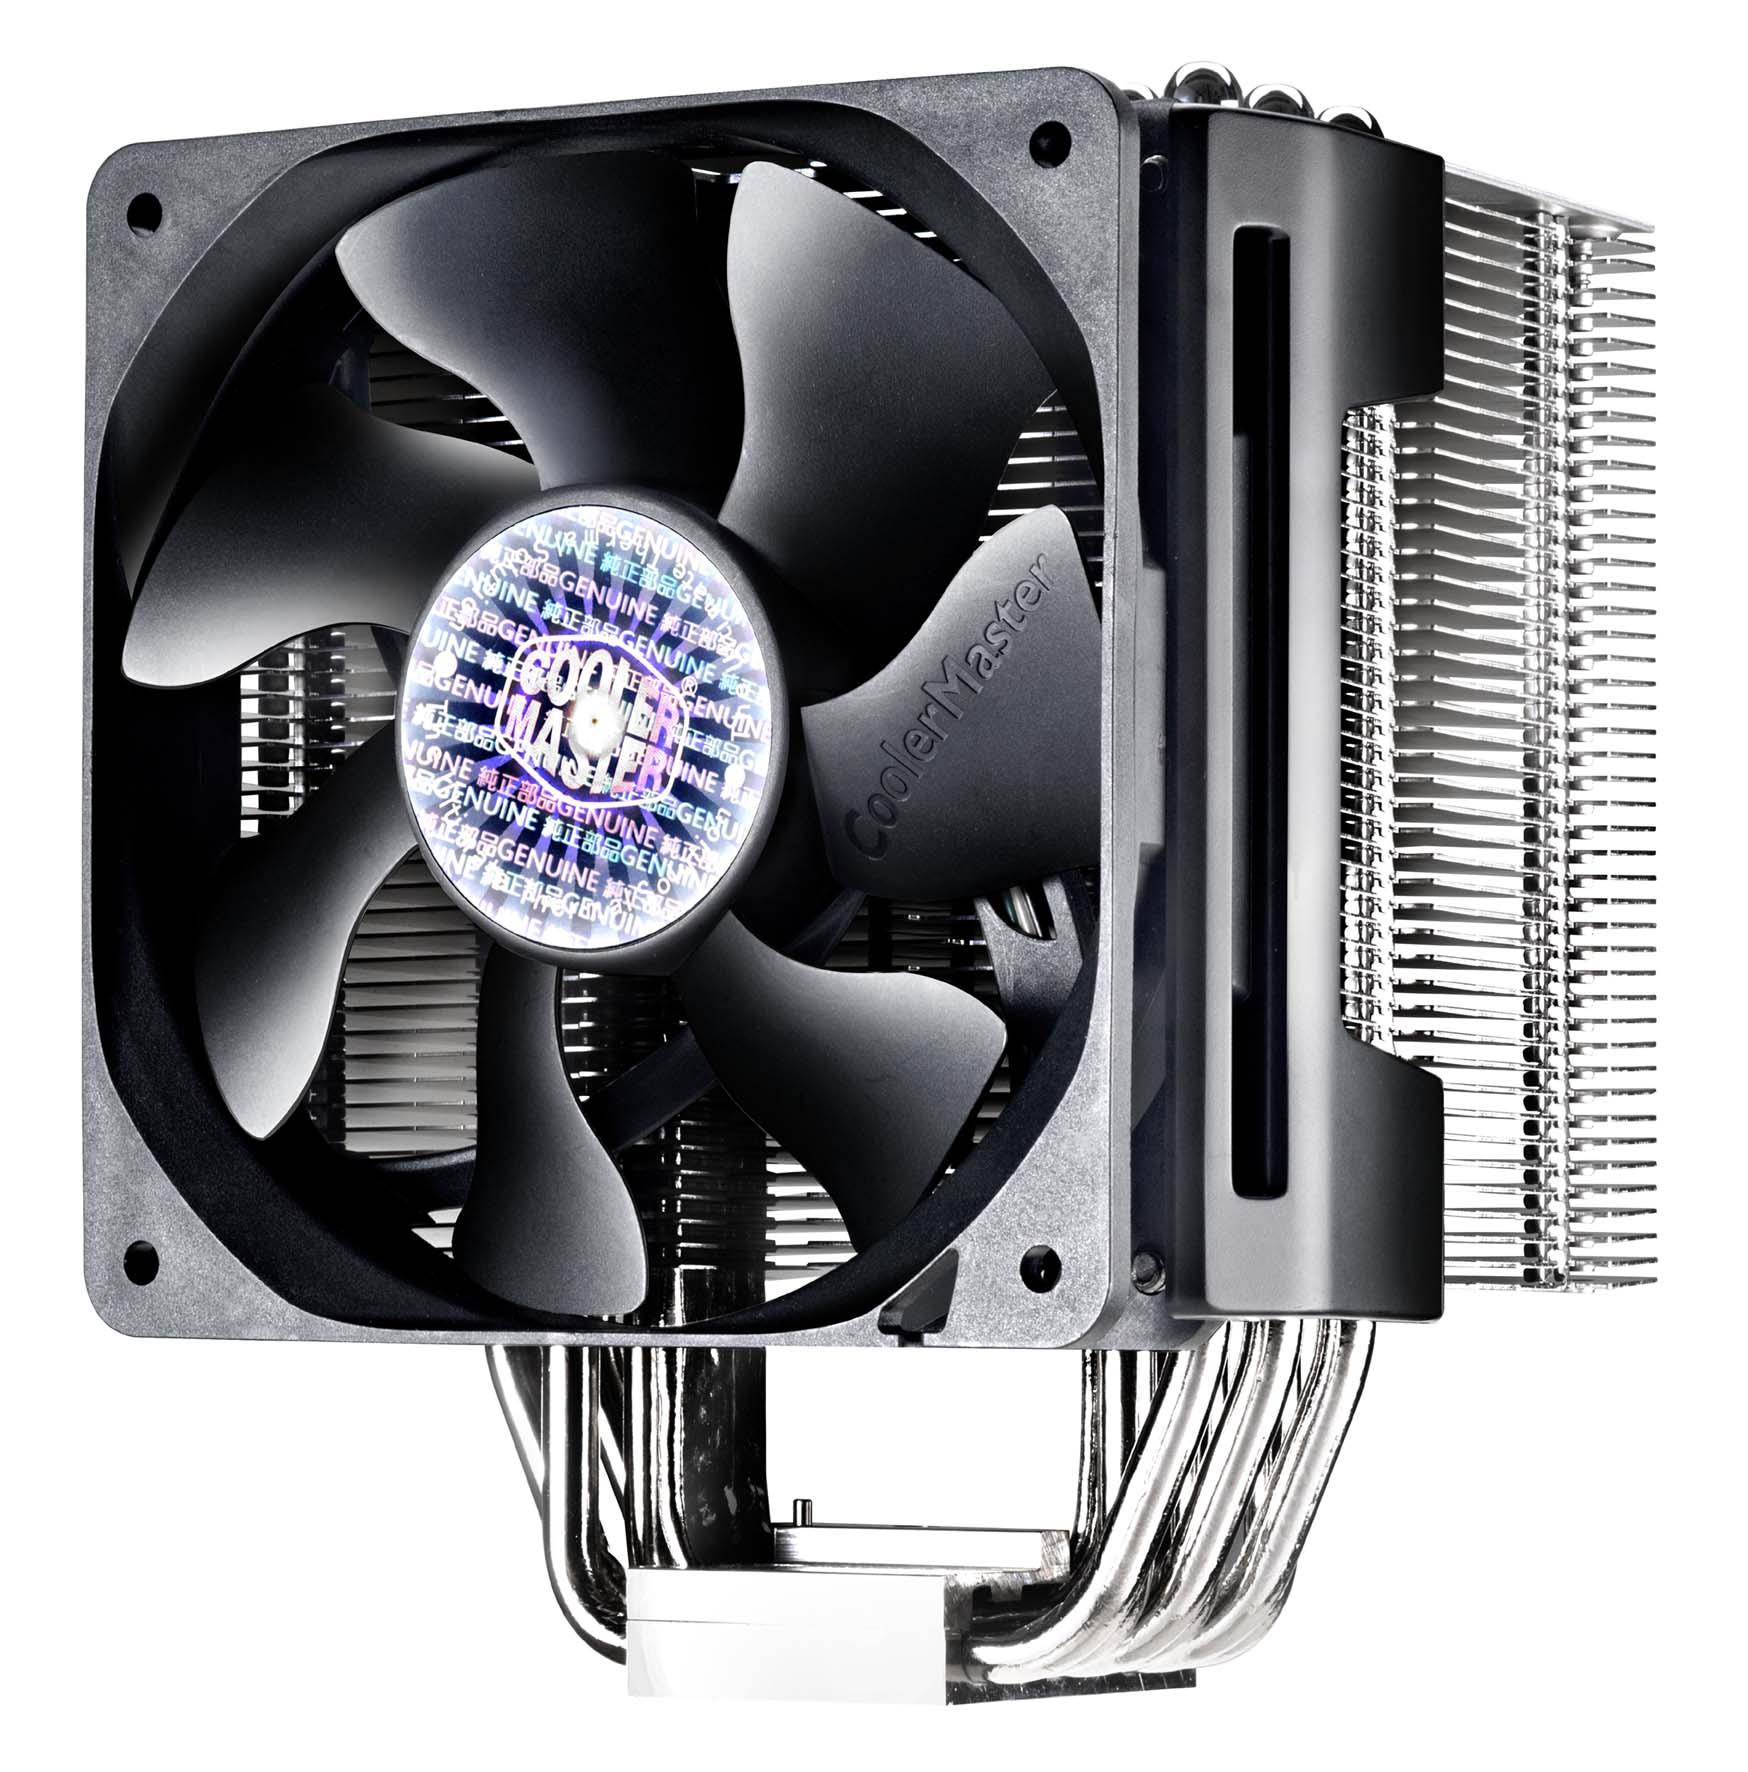 Cooler Master apresenta air coolers para refrigeração extrema